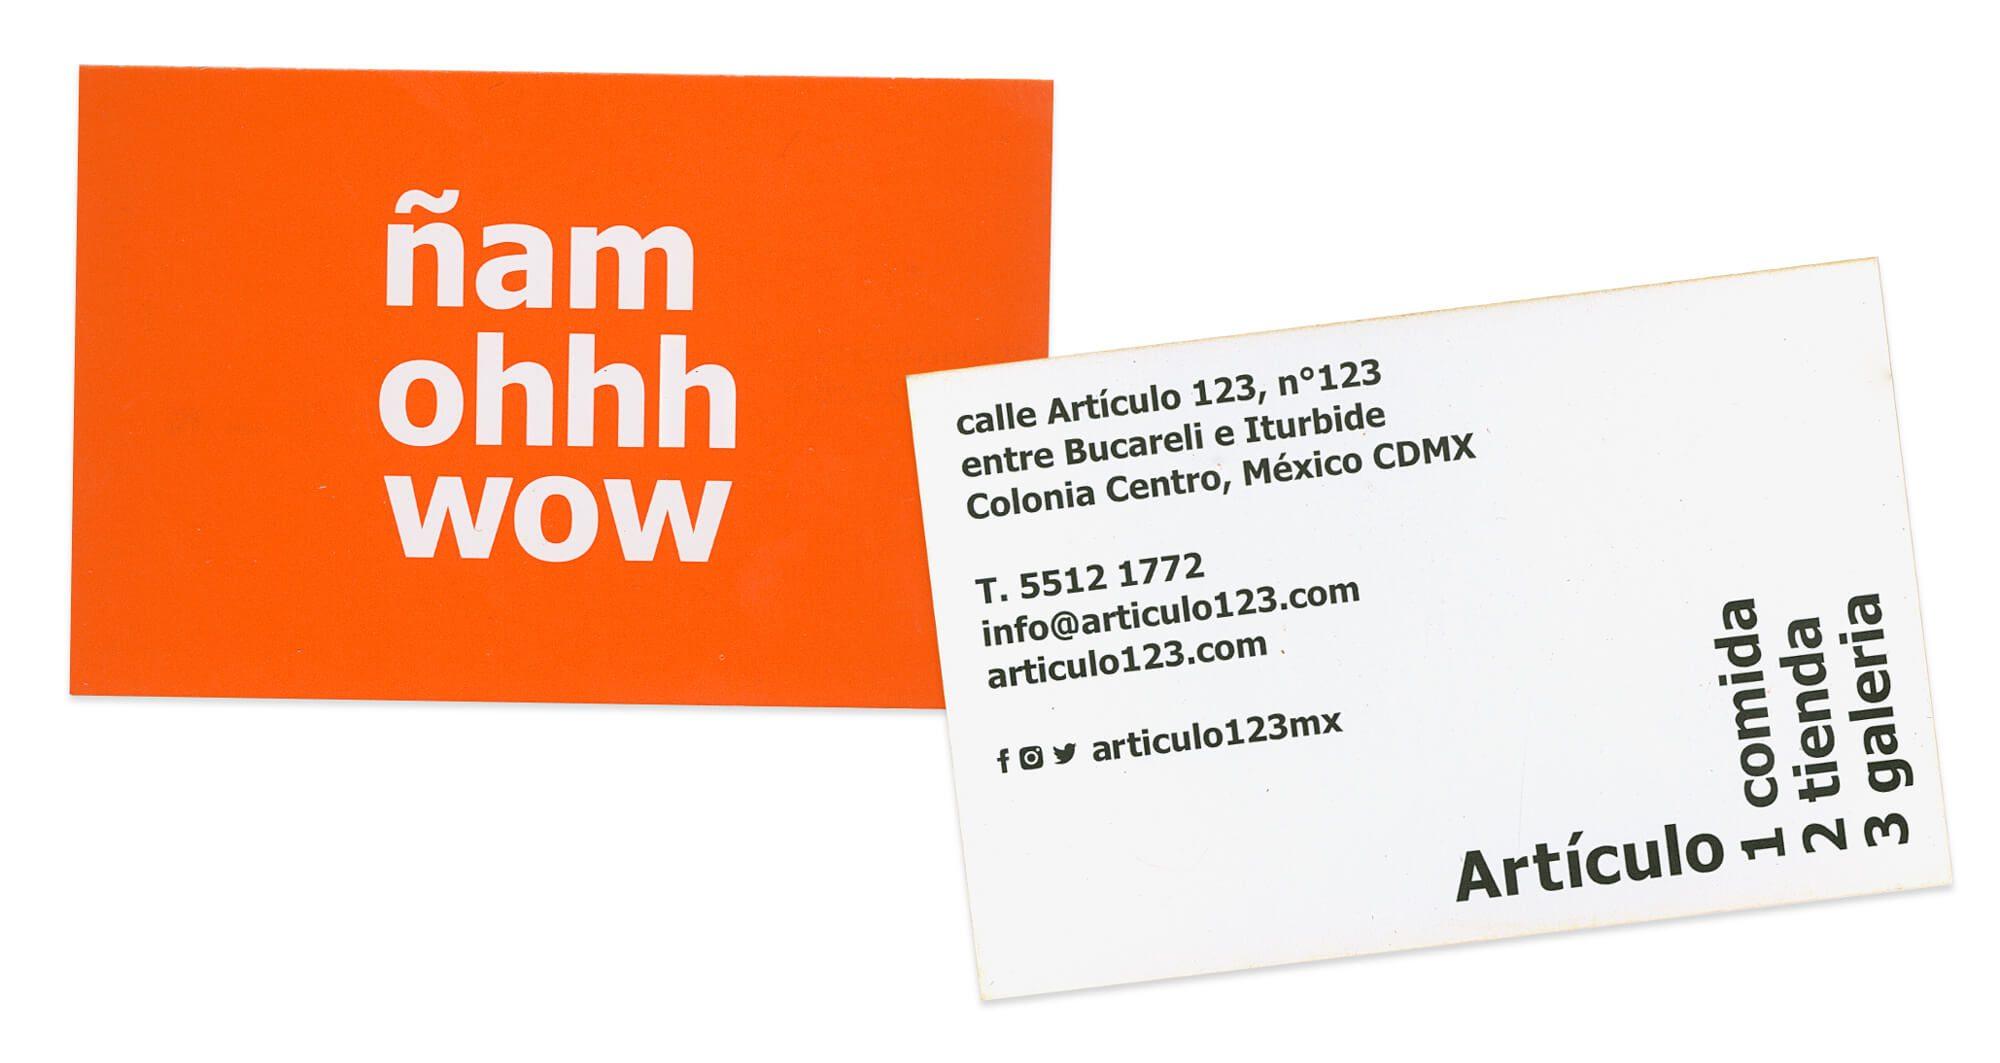 cartes de visites orange tangerine de la galeria articulo 123 mexico, identité dessinée par Helena Ichbiah et son équipe Ich&Kar